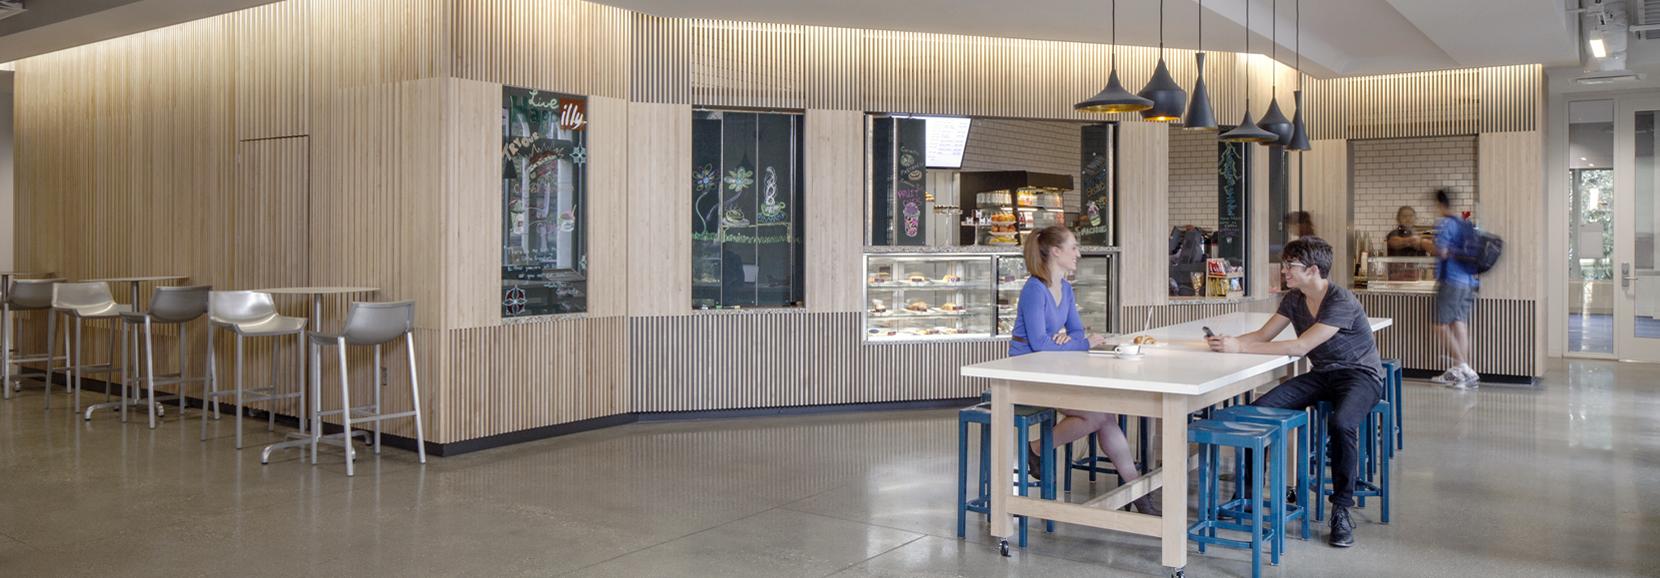 Annenberg Cafe Usc Menu